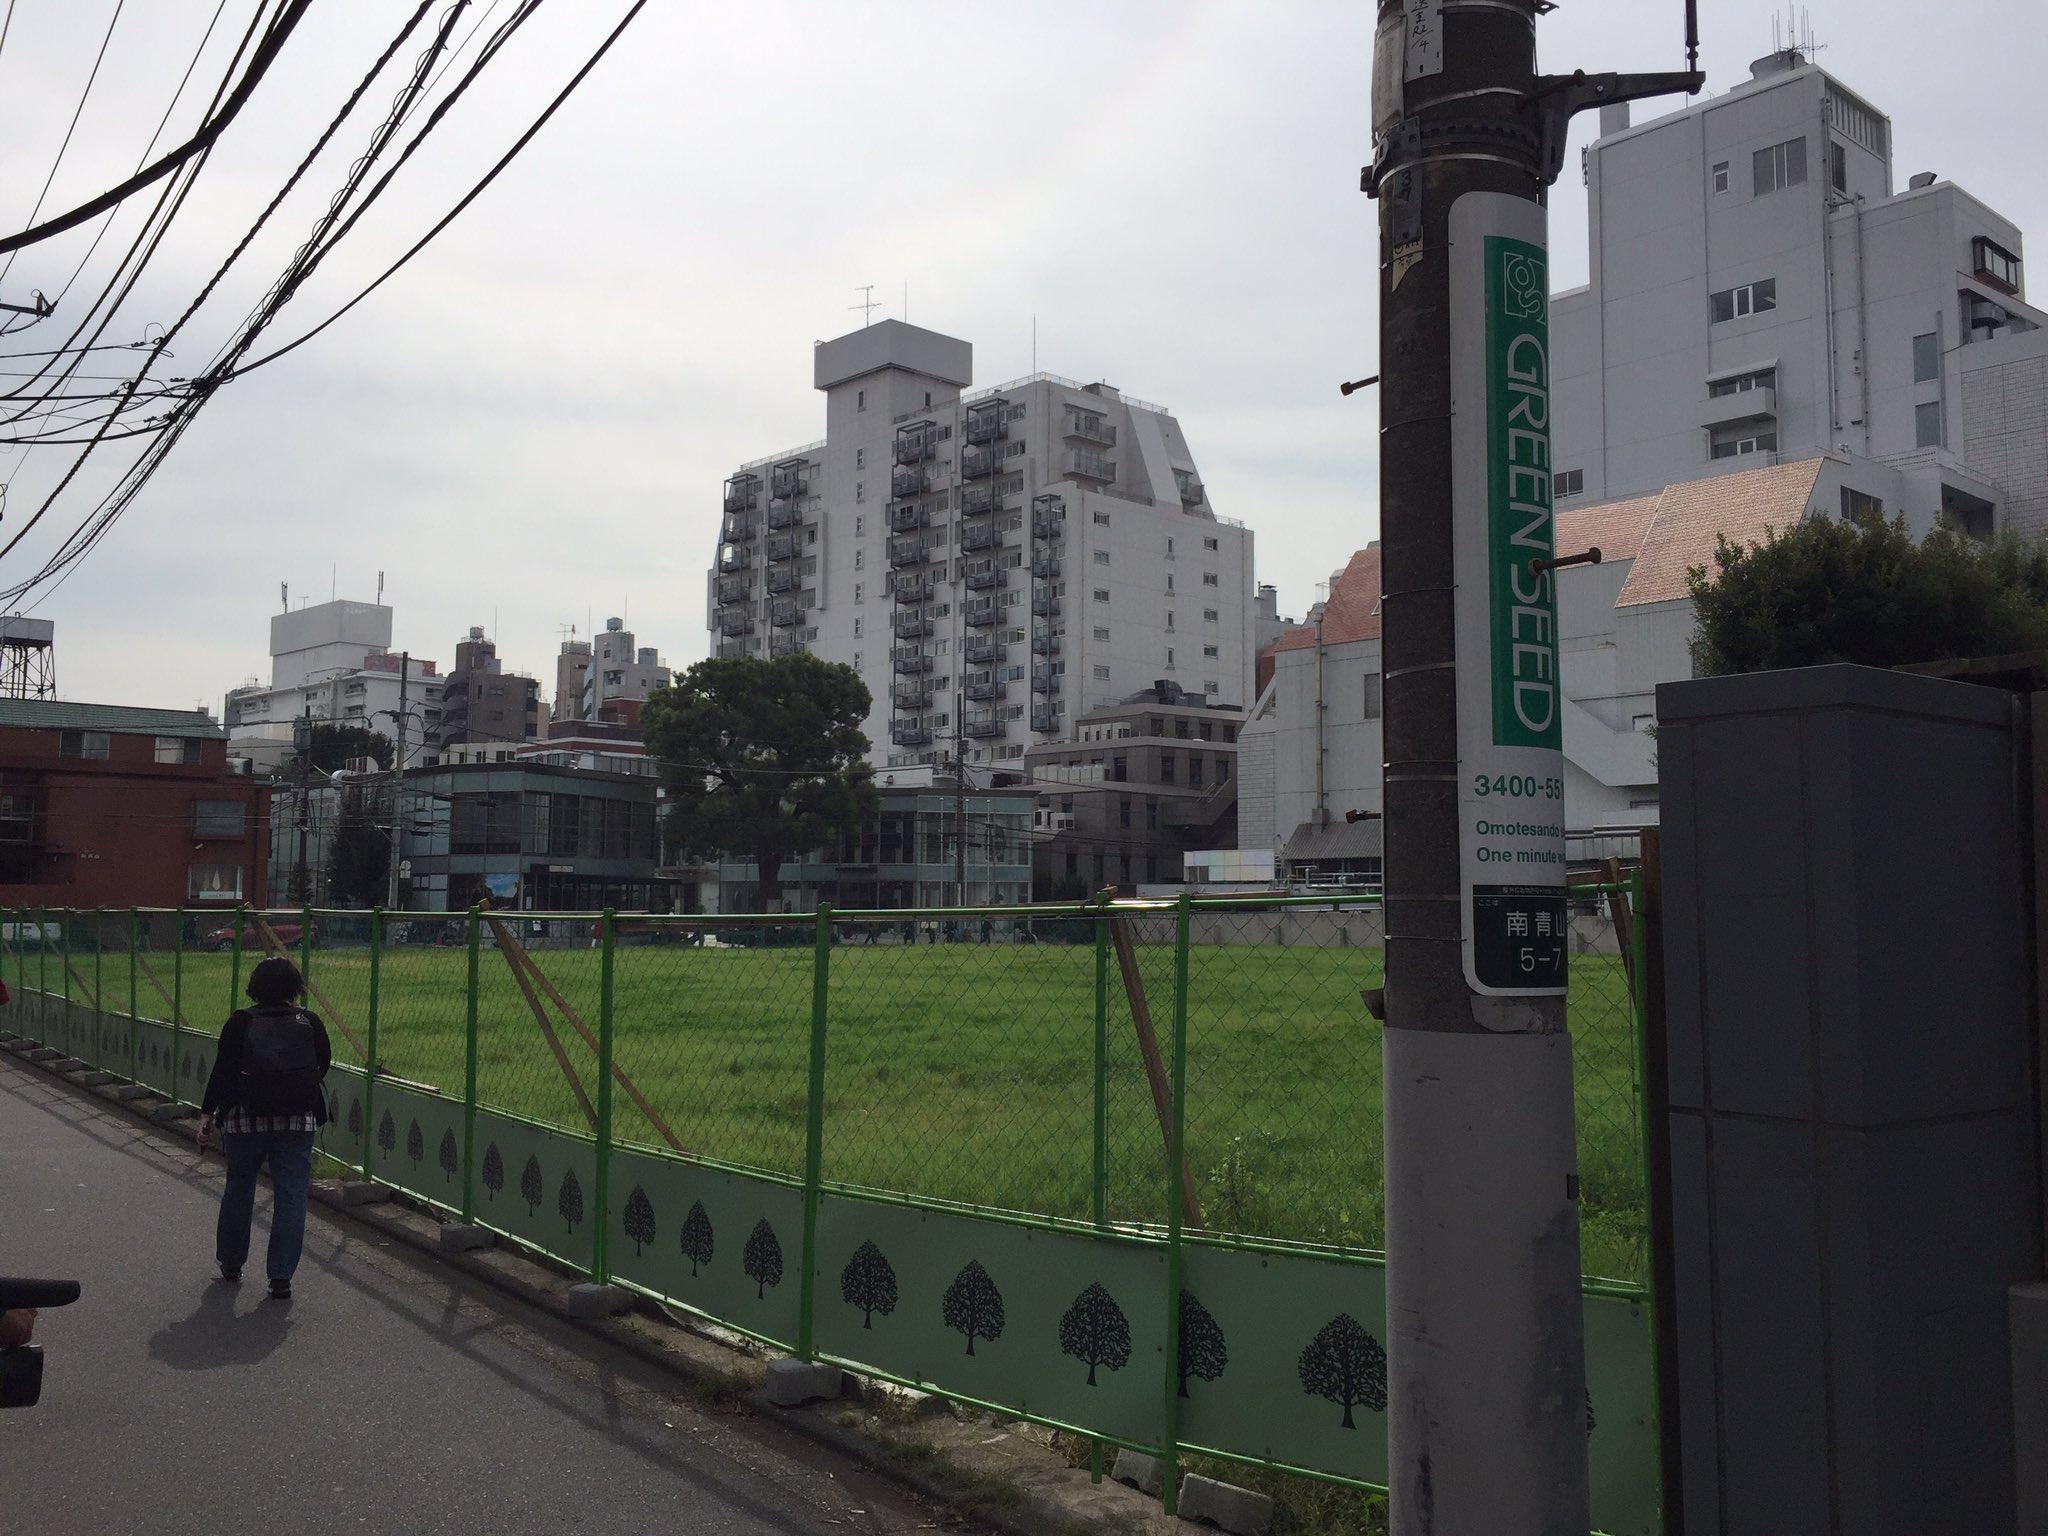 画像,南青山児相の建設の件、周囲にはこれから建て直す大きなマンションがあったり、となりのとなりにはグリーンシードが建てている物件があったりします。周囲の電柱はグリーン…